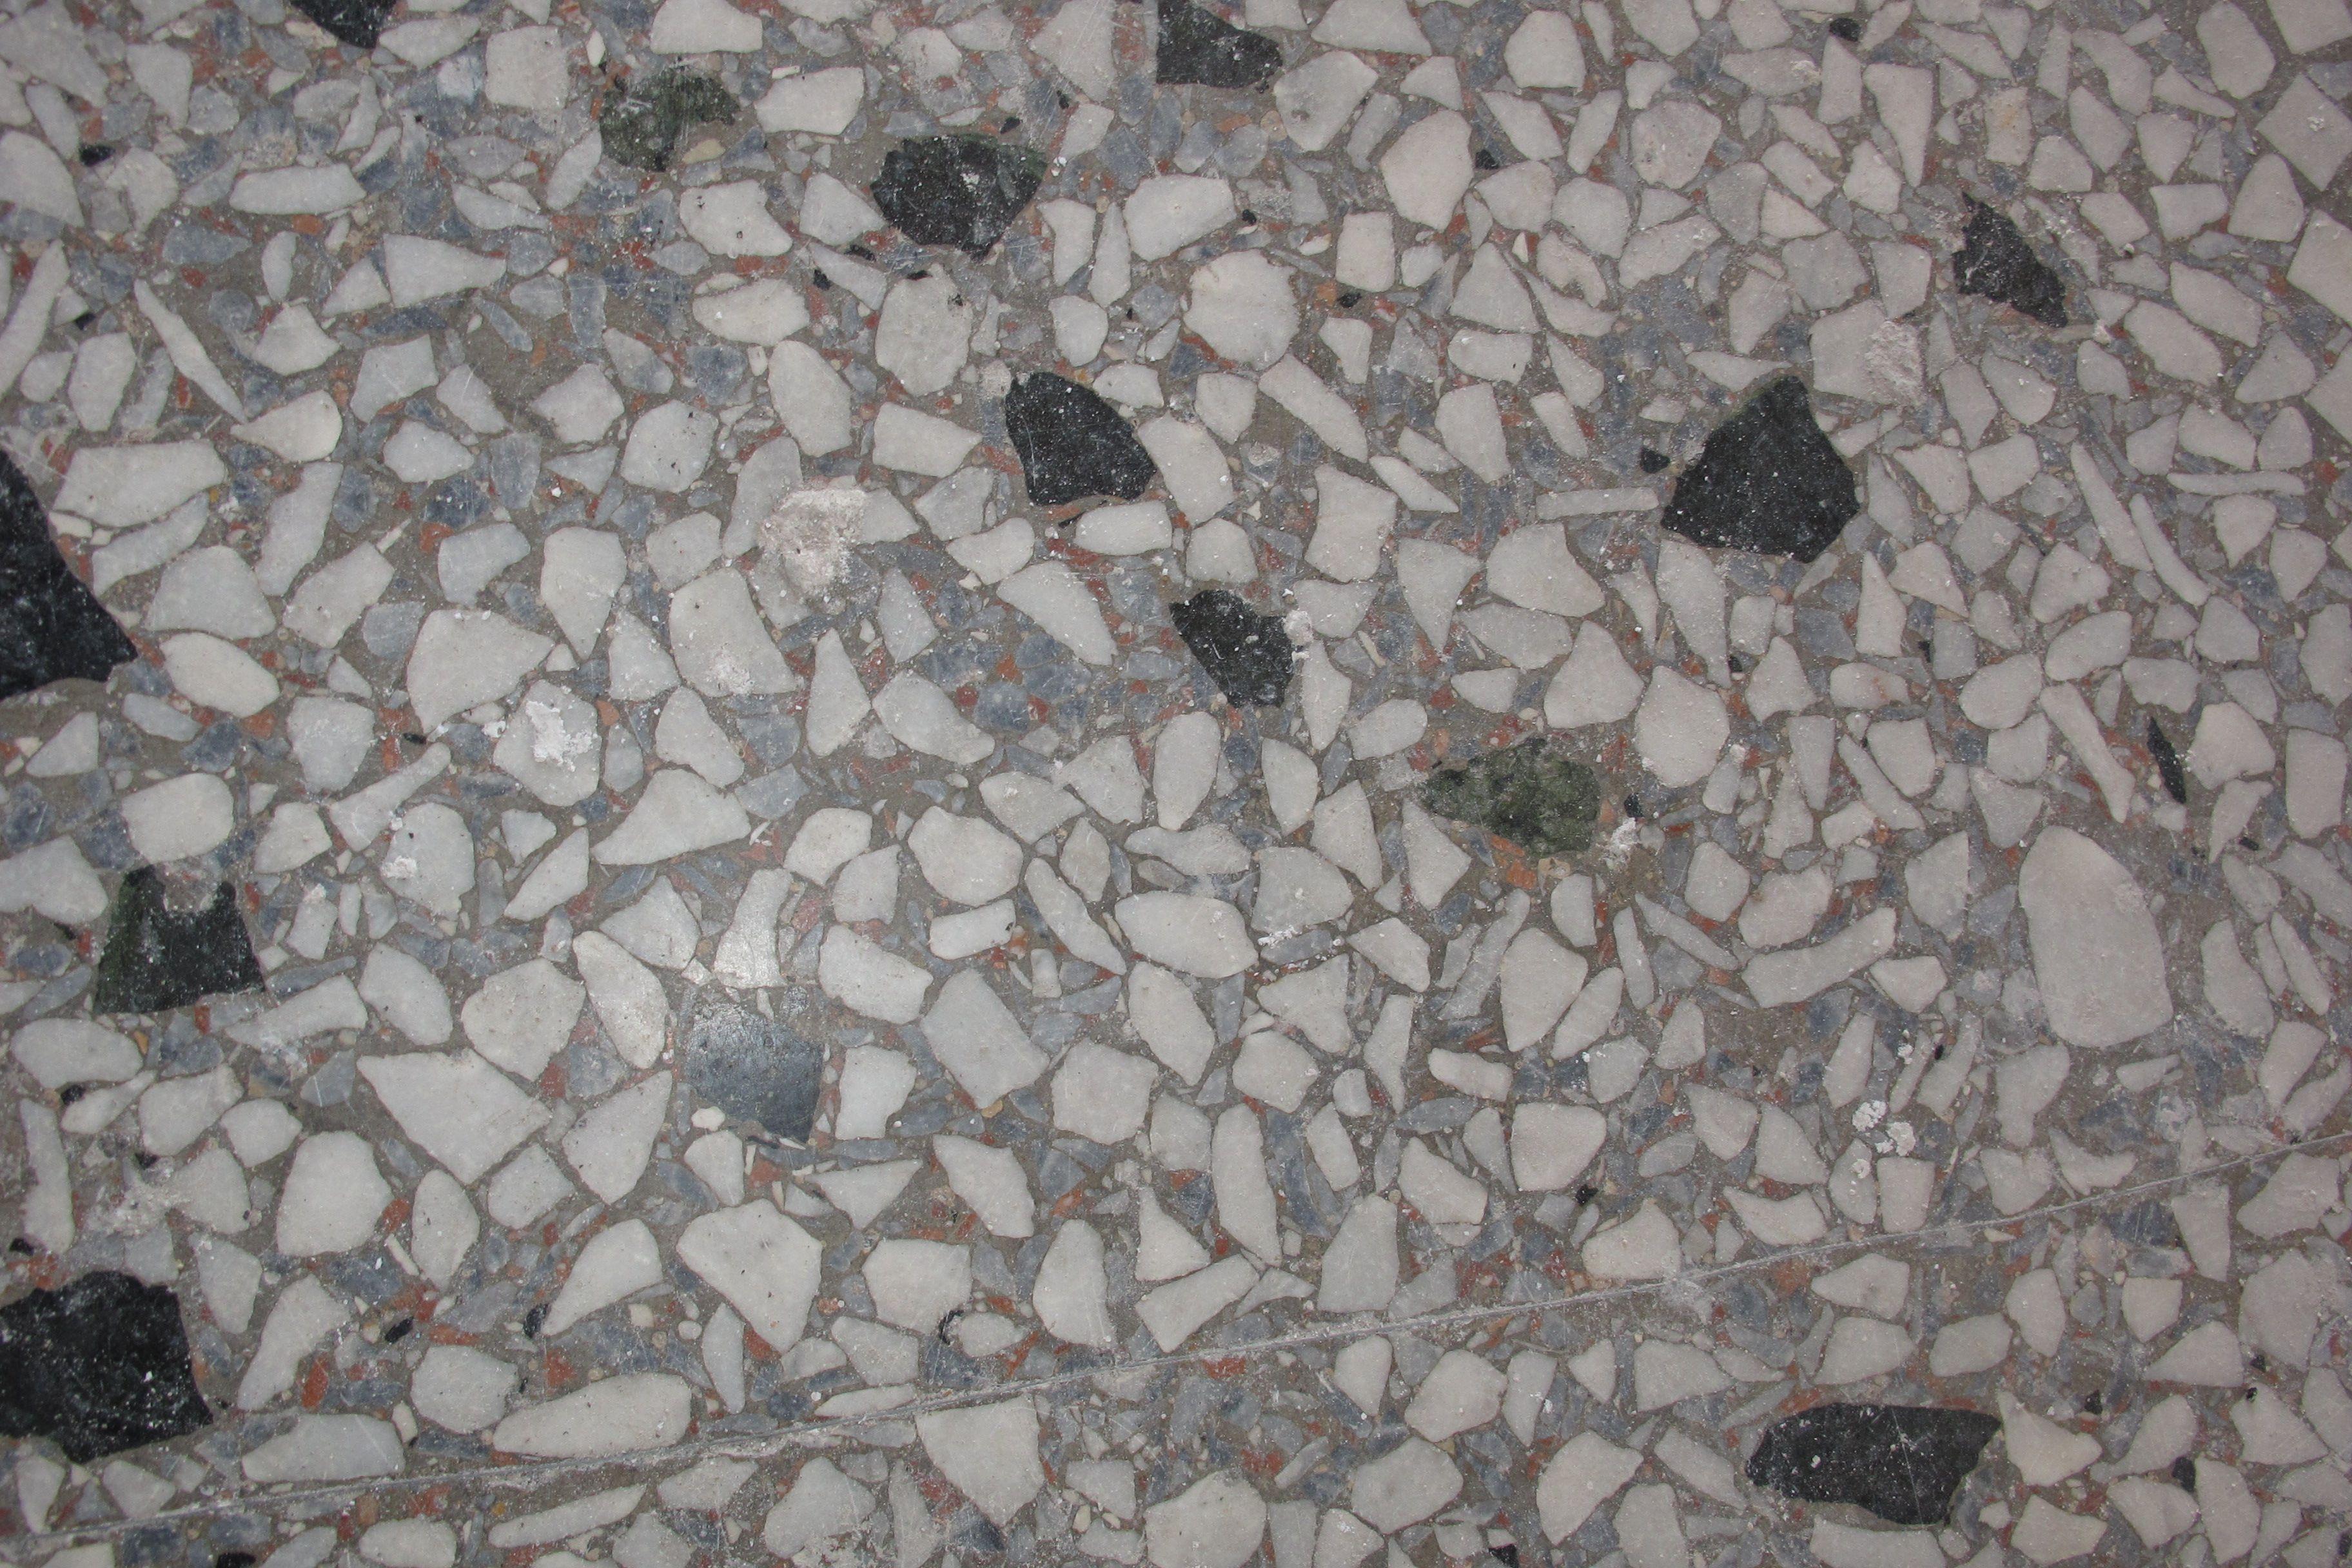 Piastrelle Seminato Alla Veneziana pavimento alla veneziana del 1950 a roma (con immagini